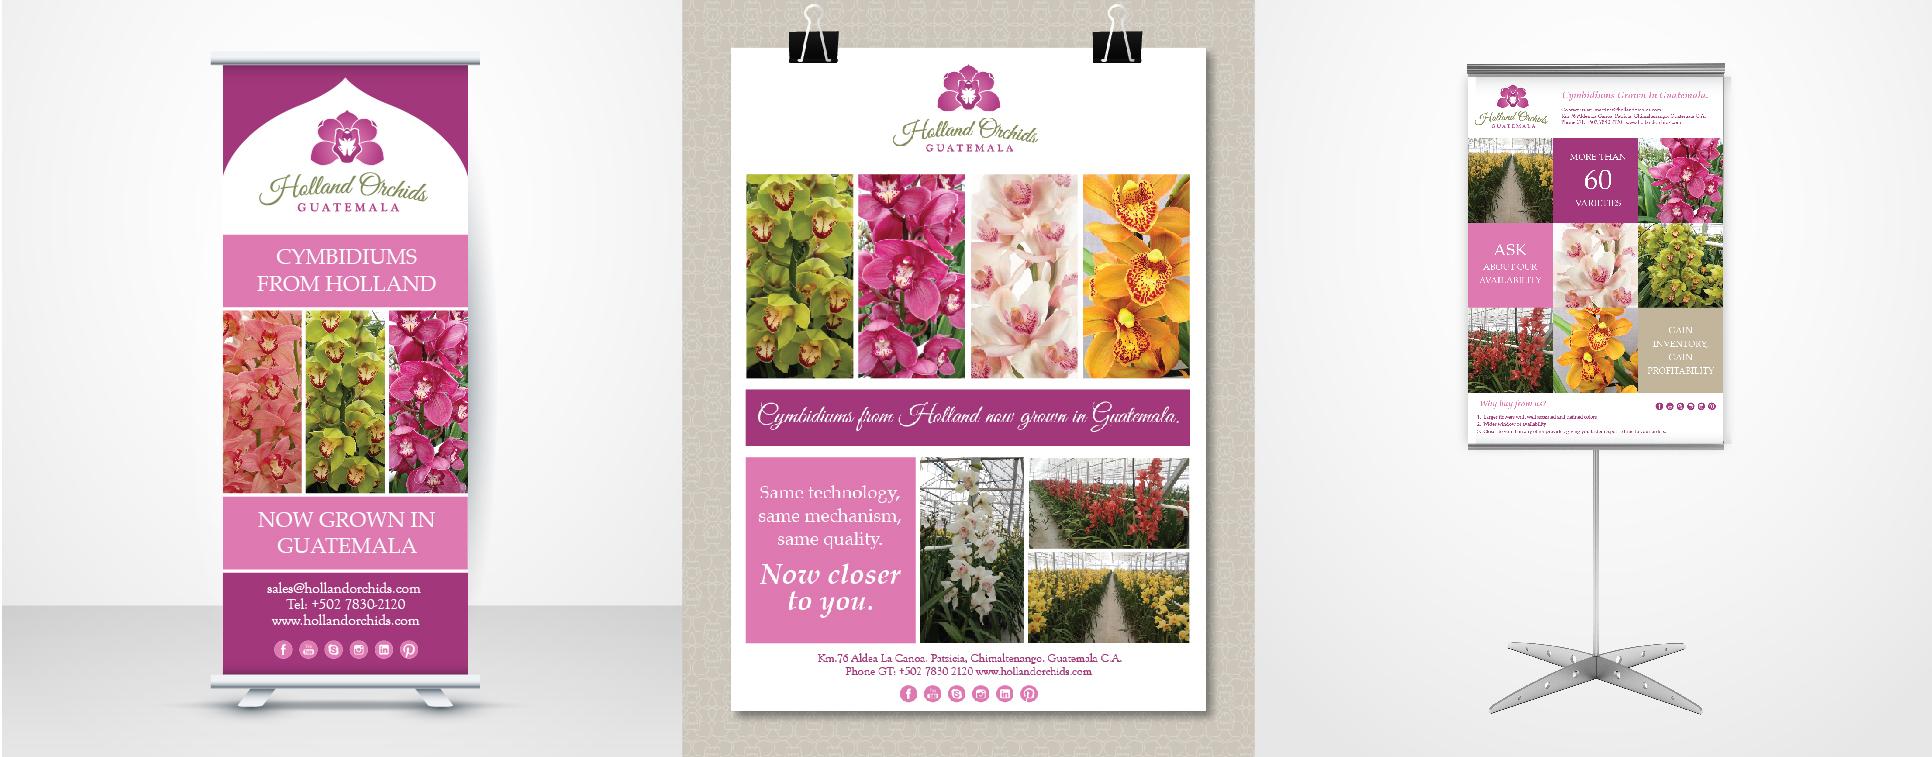 Flyer para orquideas holandesas de exportacion